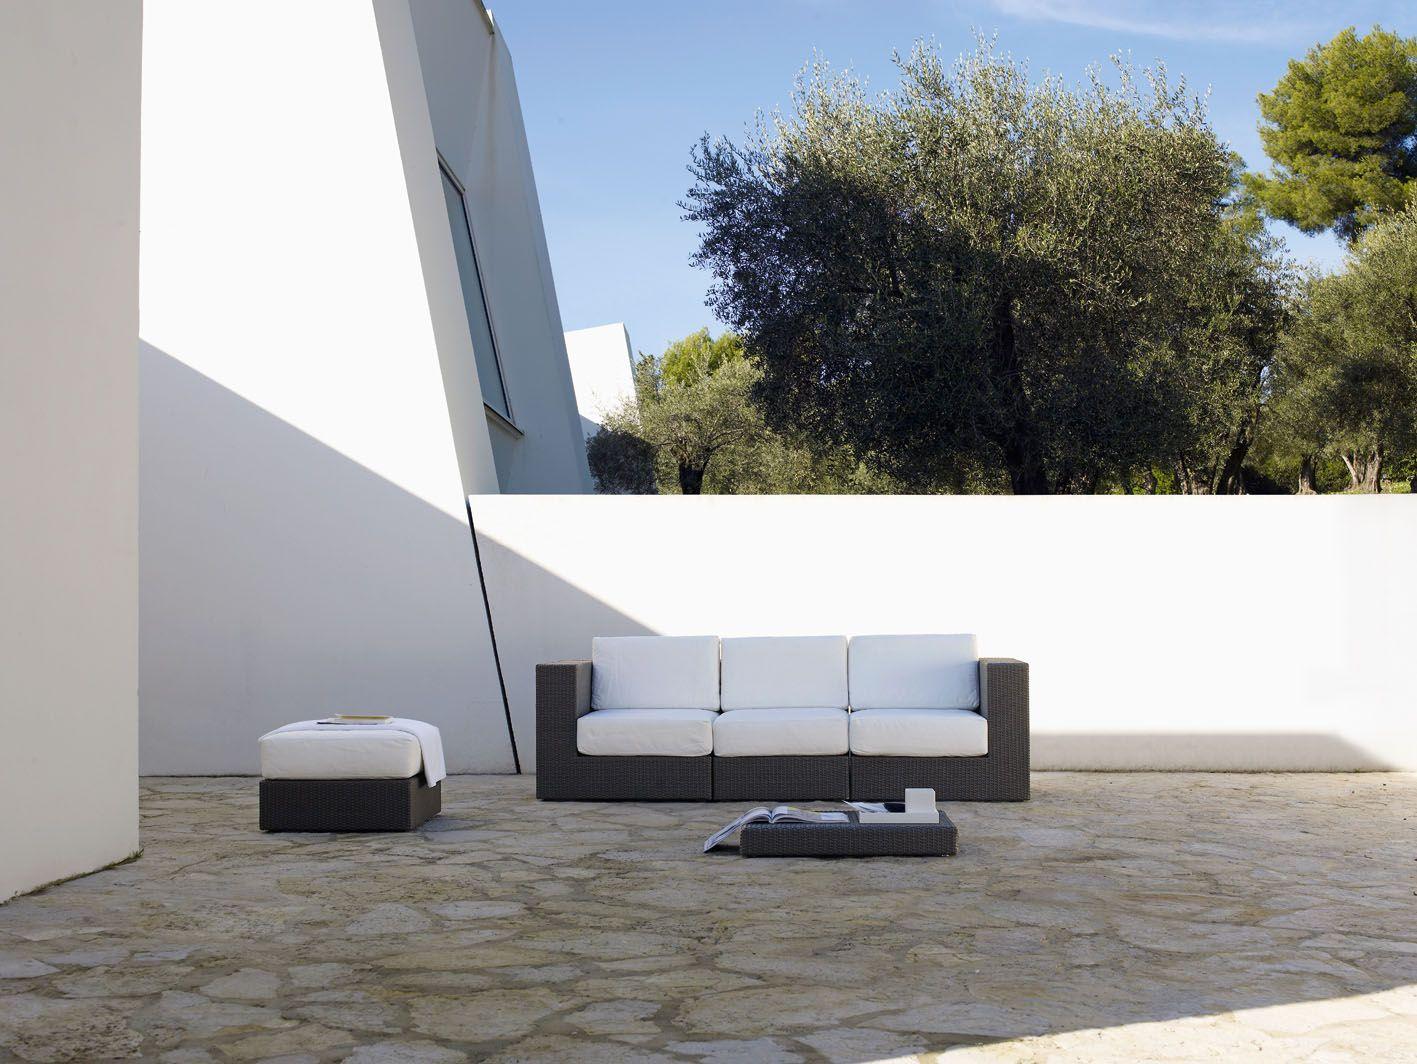 Sunlace by Unopiù #outdoor #Unopiu | Luxury garden furniture ...